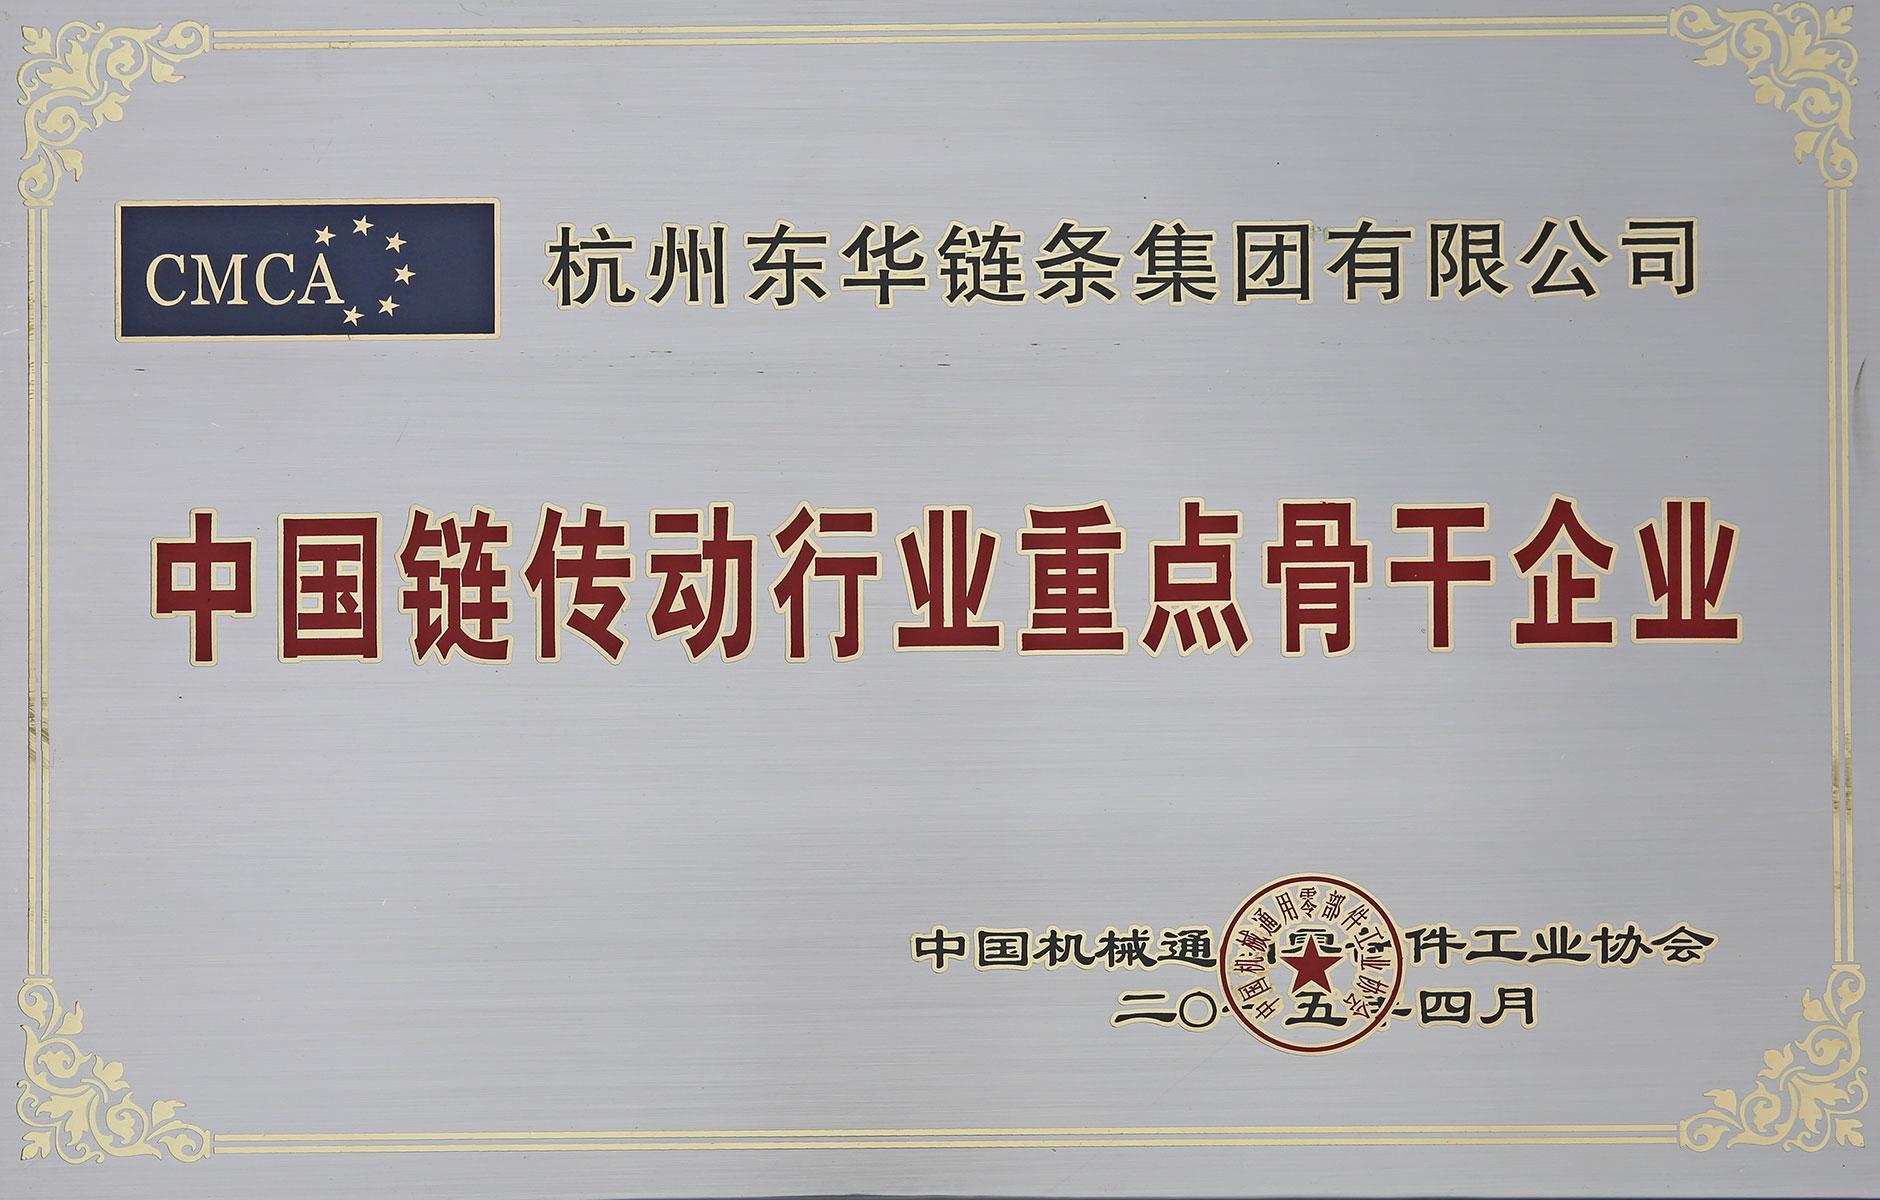 中国链传动行业重点骨干企业